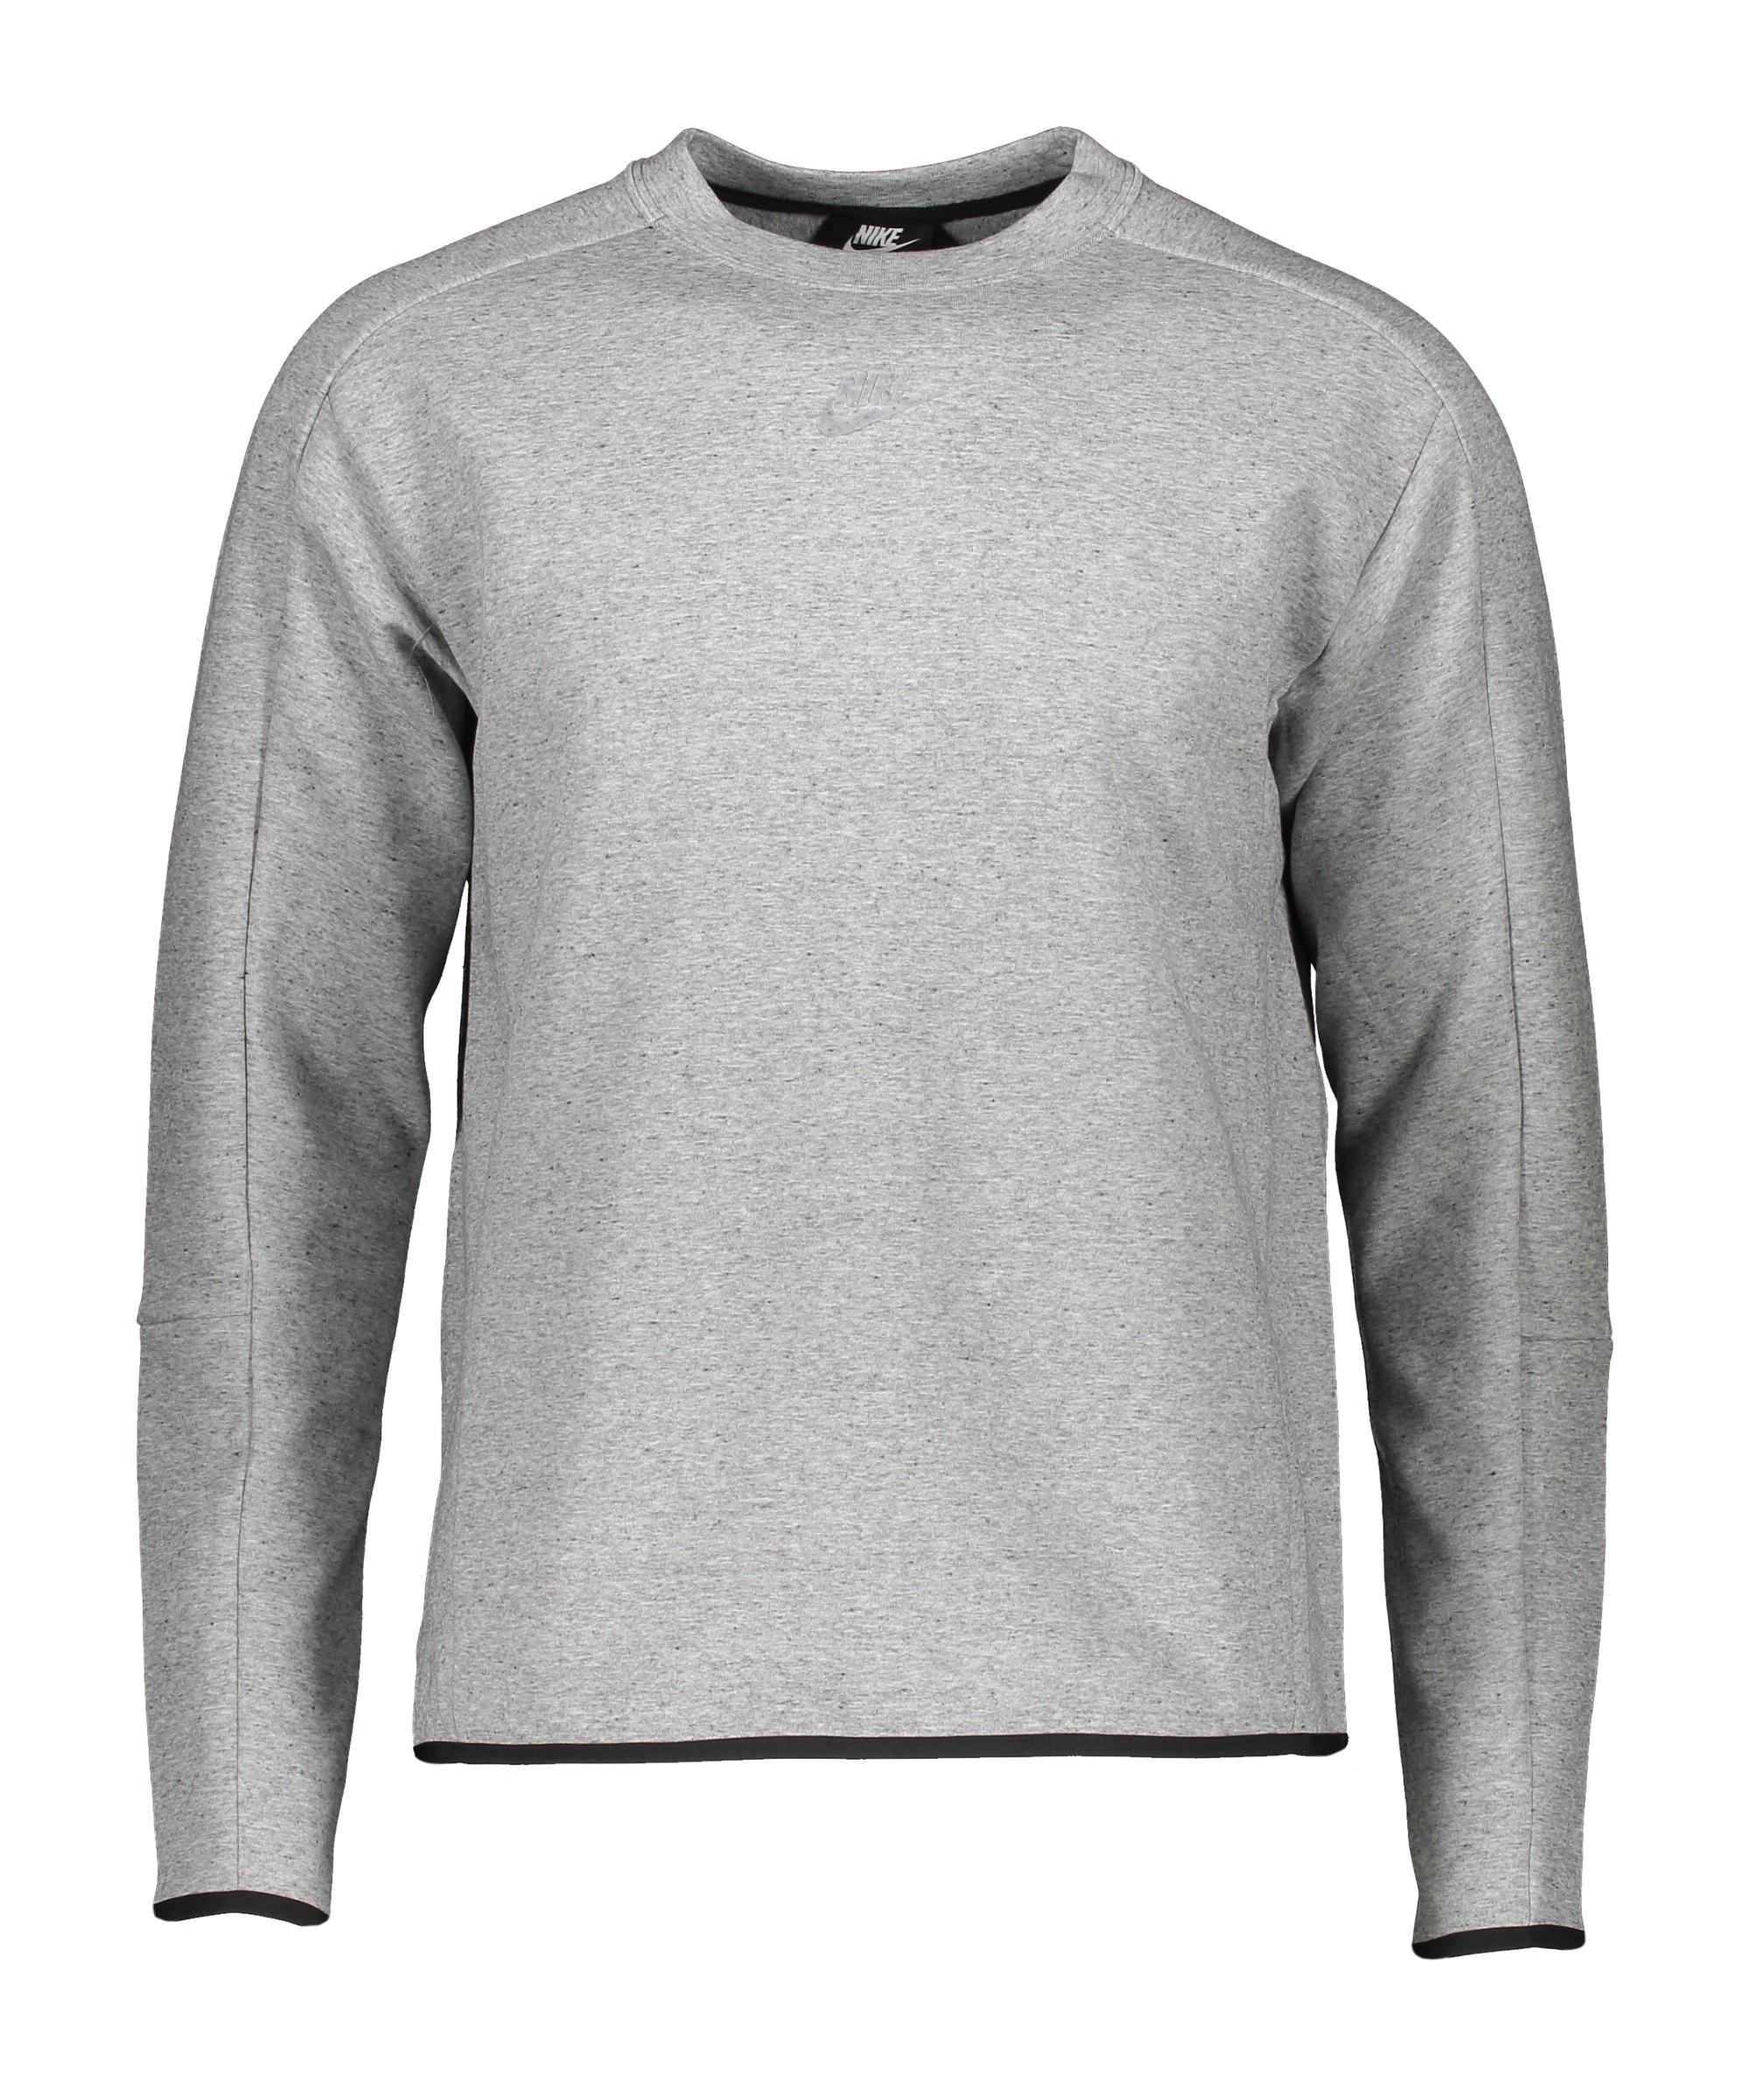 Nike Tech Fleece Crew Revival Sweatshirt Grau F010 - grau